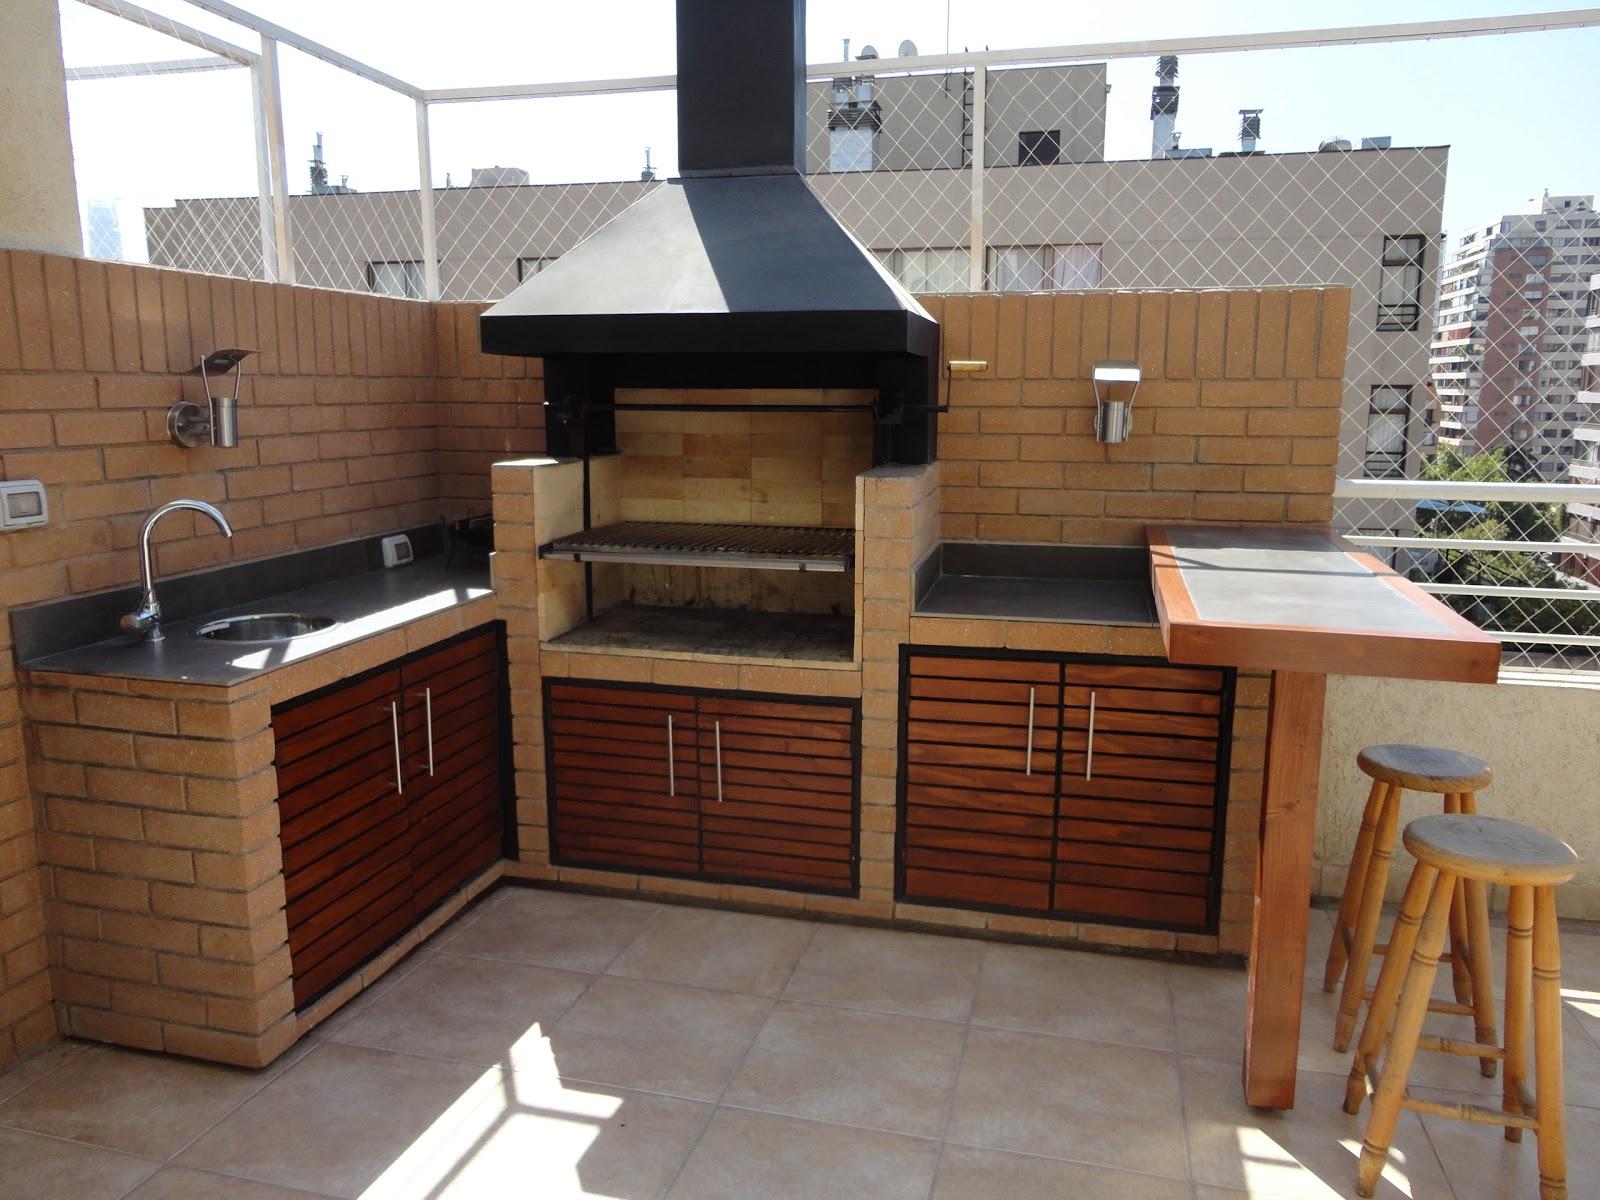 Veintediez arquitectos quincho marco polo for Construccion de piscinas con ladrillos